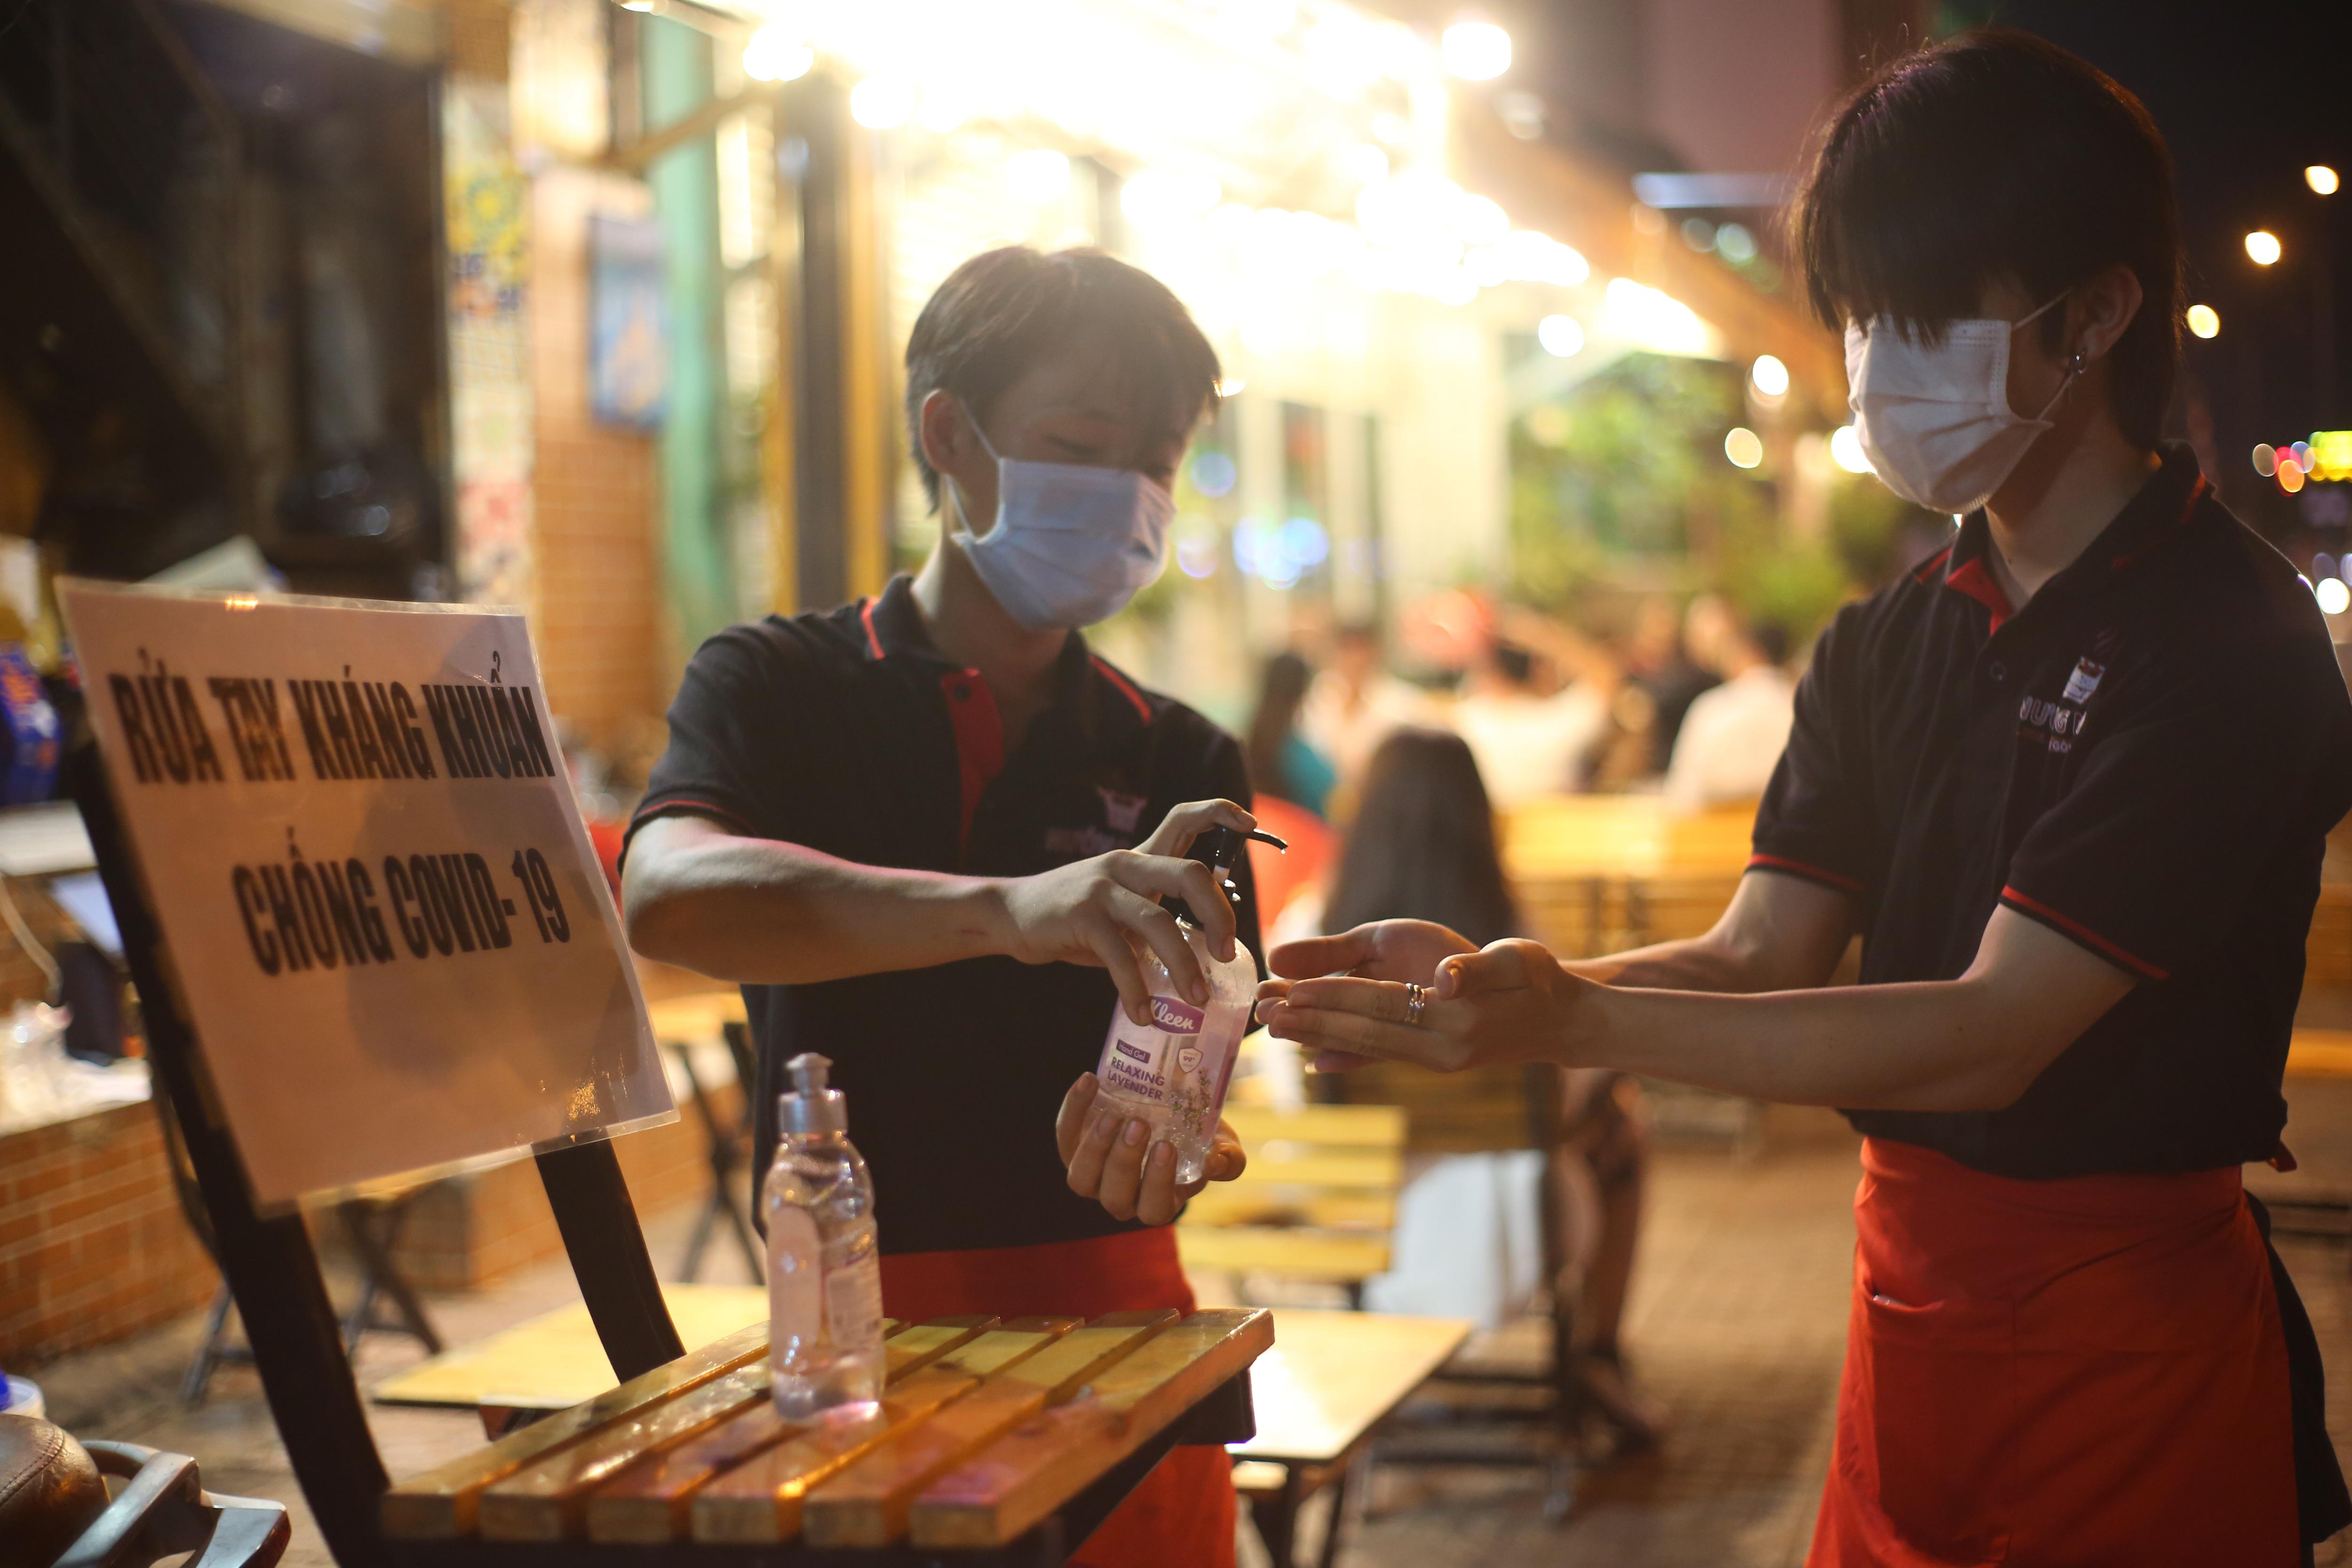 Quán nhậu Sài Gòn xập xình, nhộn nhịp bất chấp lệnh cấm tụ tập đông người - 10